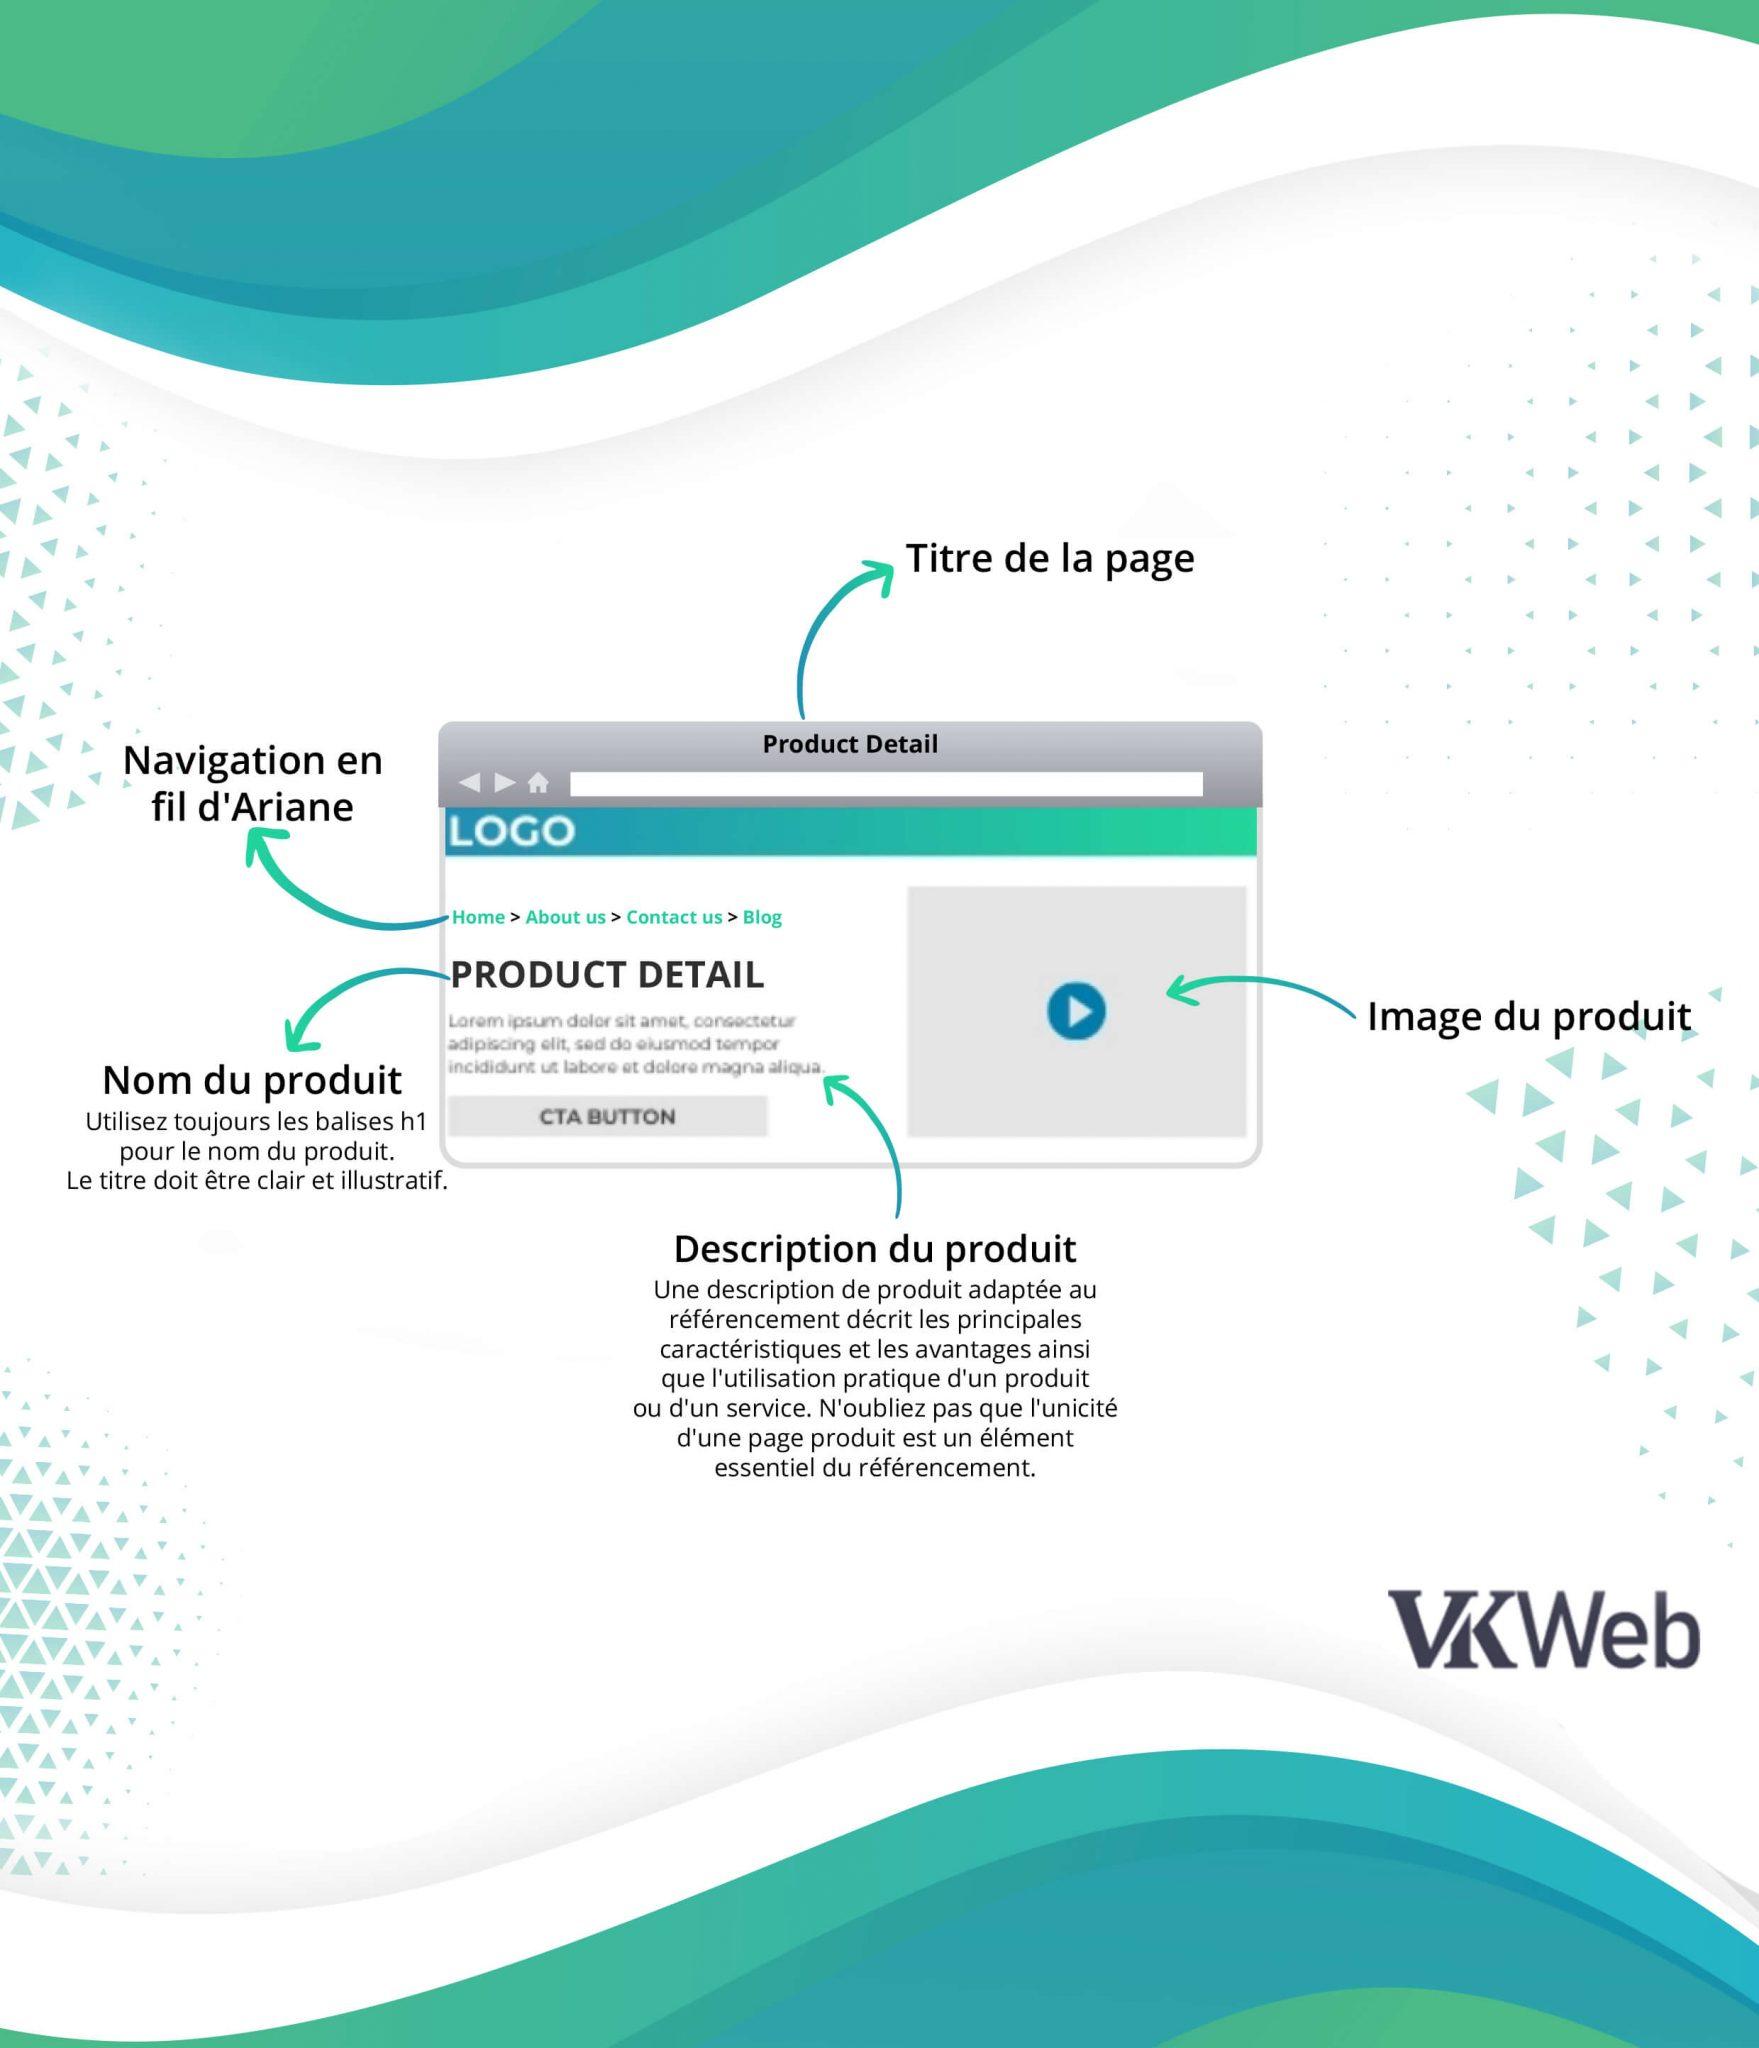 Un facteur fondamental pour que votre produit soit vendu dans votre boutique en ligne est la façon dont il est présenté. Soignez les descriptions.